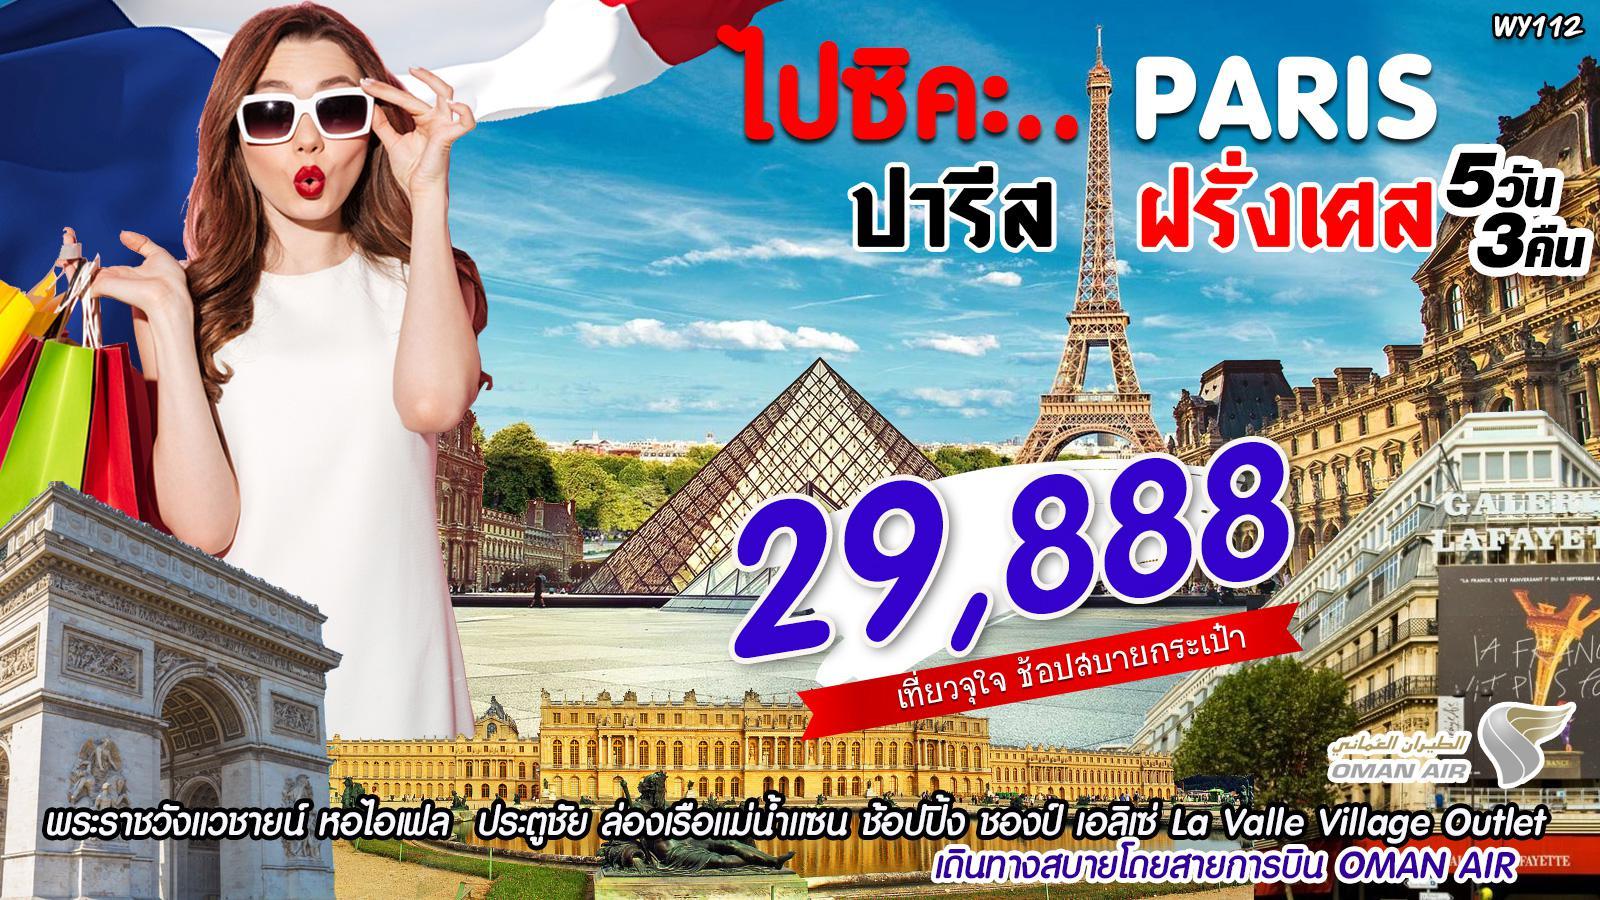 ทัวร์ไฟไหม้ ไปซิคะ PARIS FRANCE 5D3N